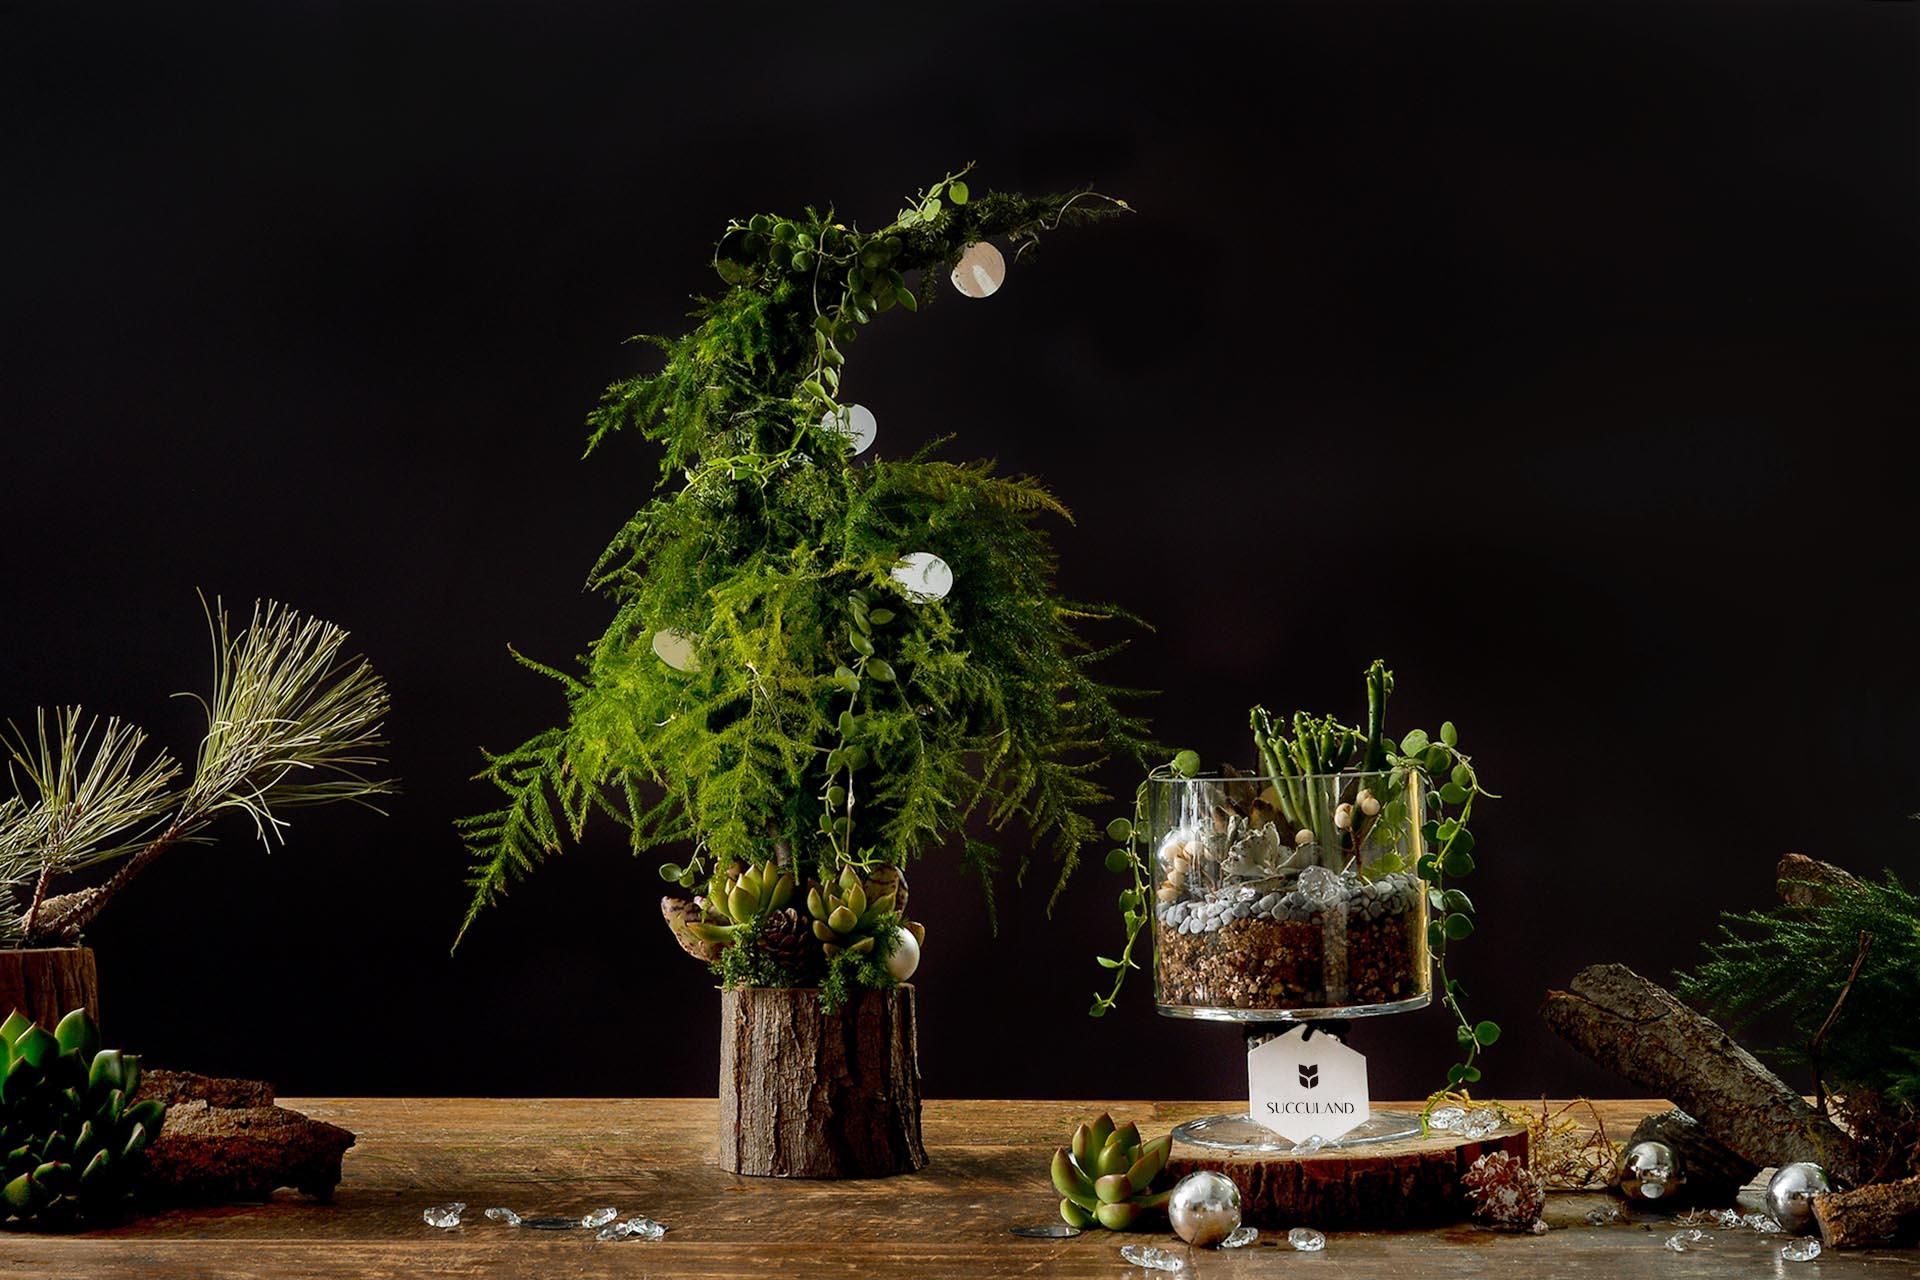 2021 年聖誕節植物禮盒 2021聖誕節兩款成品照